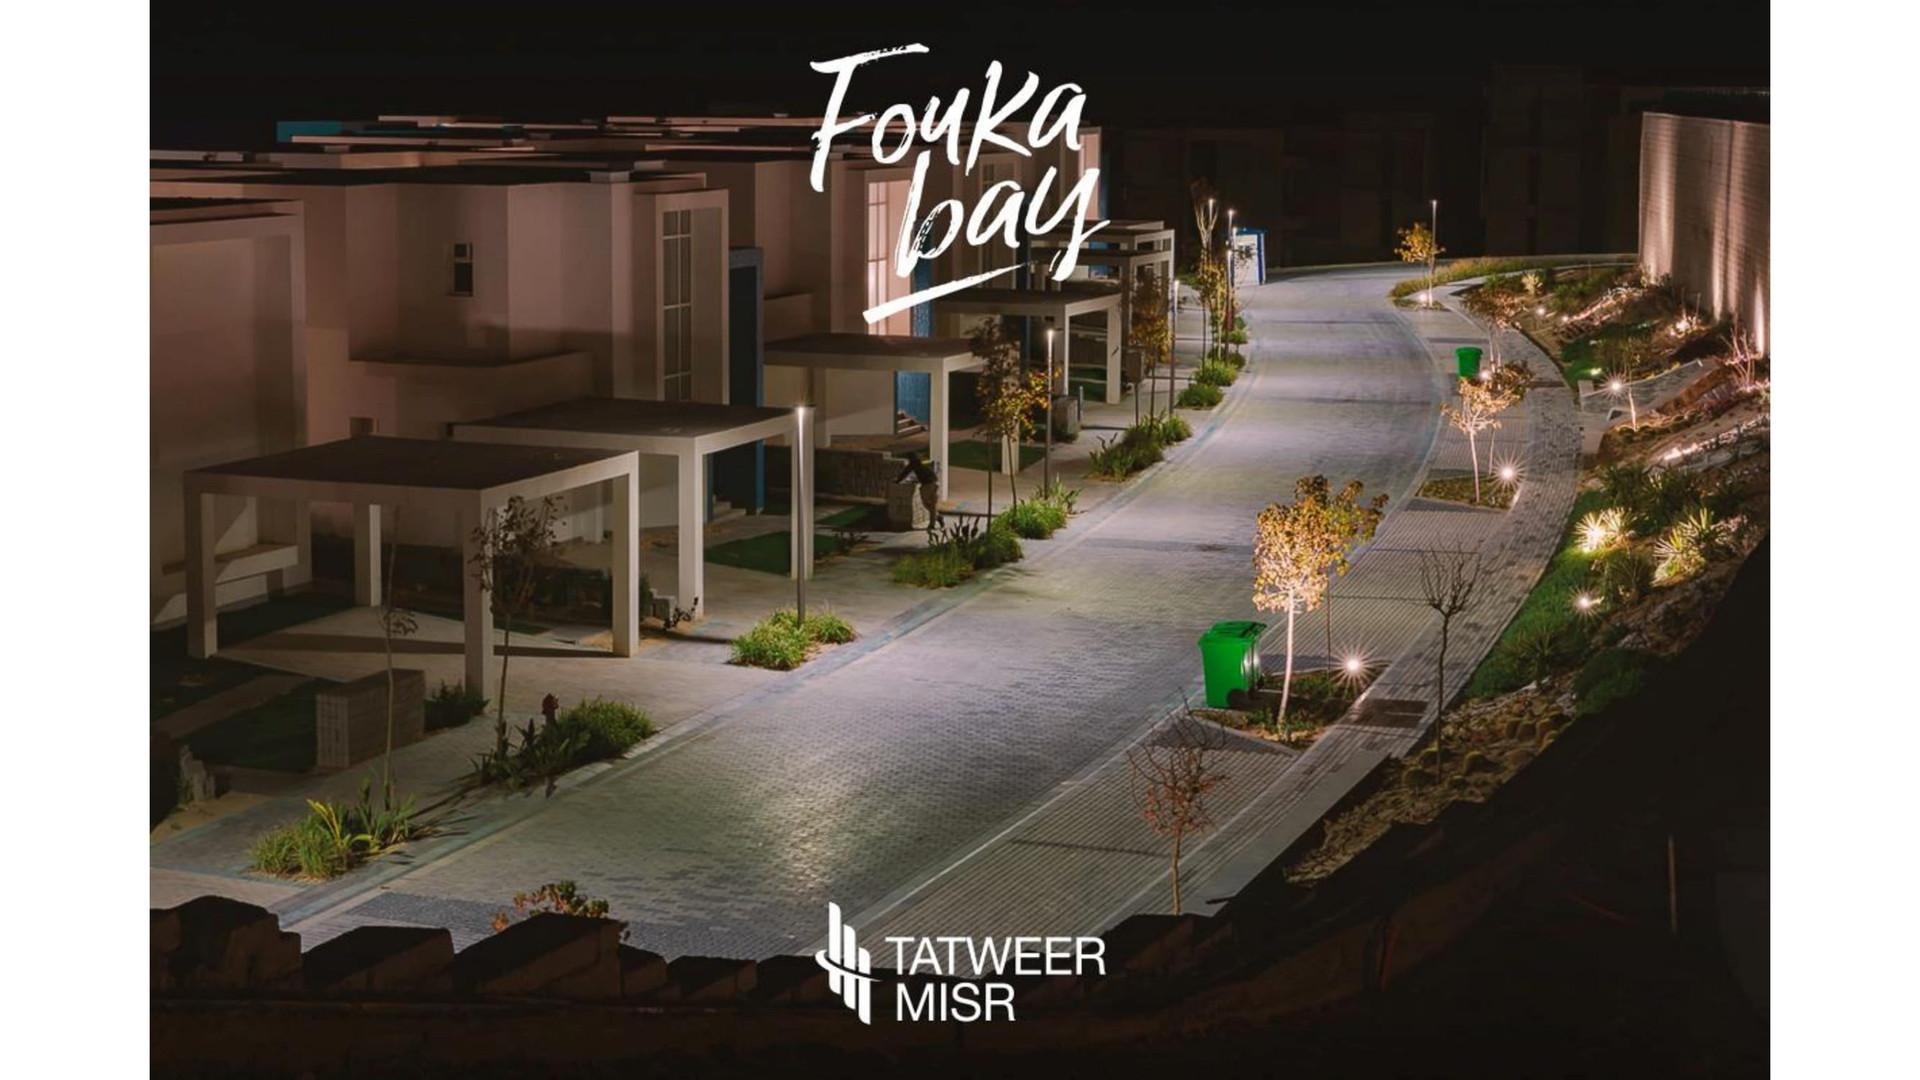 Fouka Live Photos-07.jpg